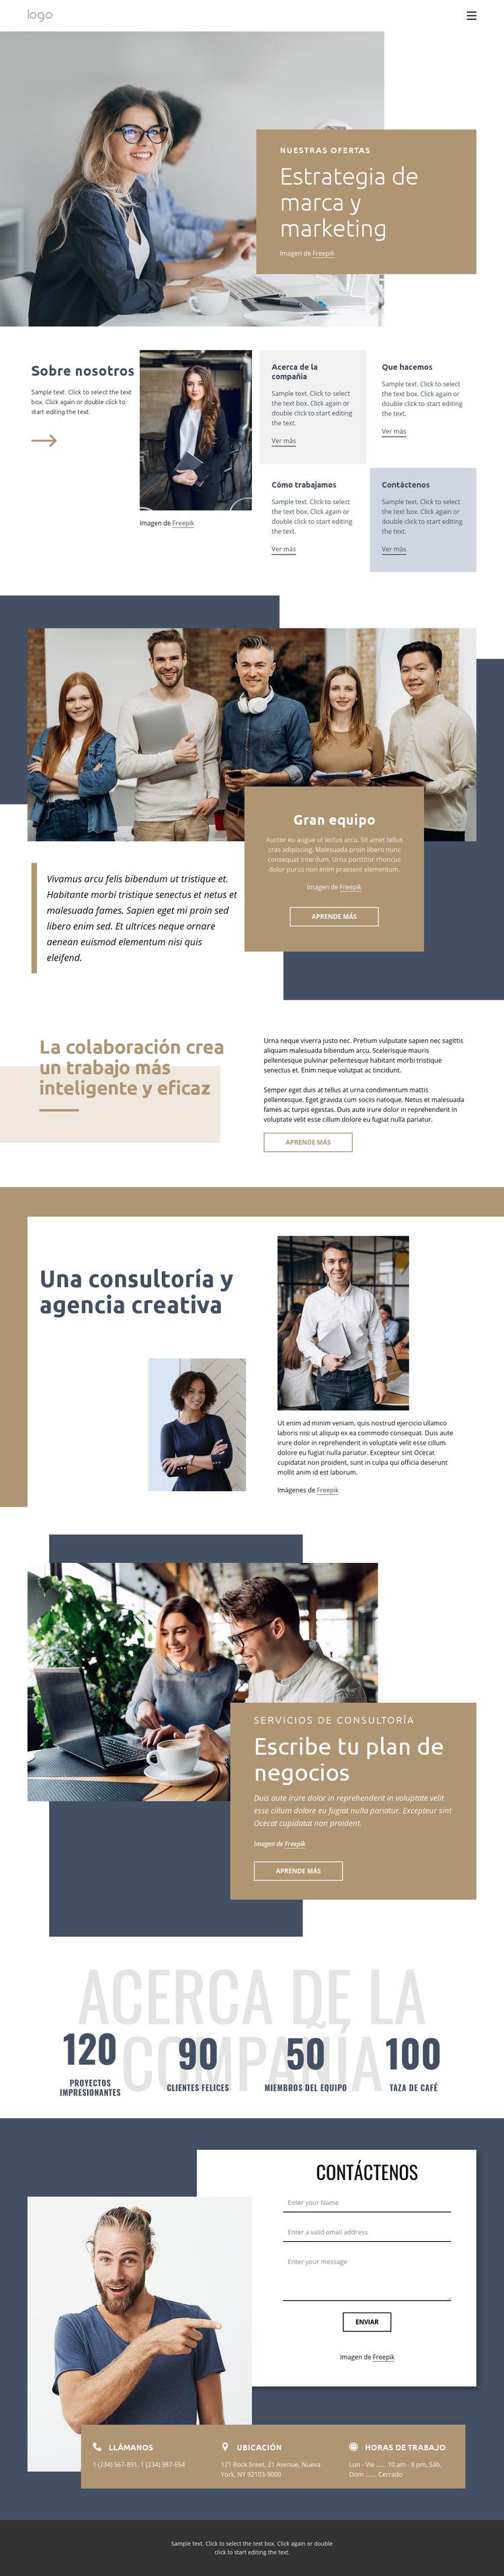 Estrategia de marca y marketing Plantilla de sitio web